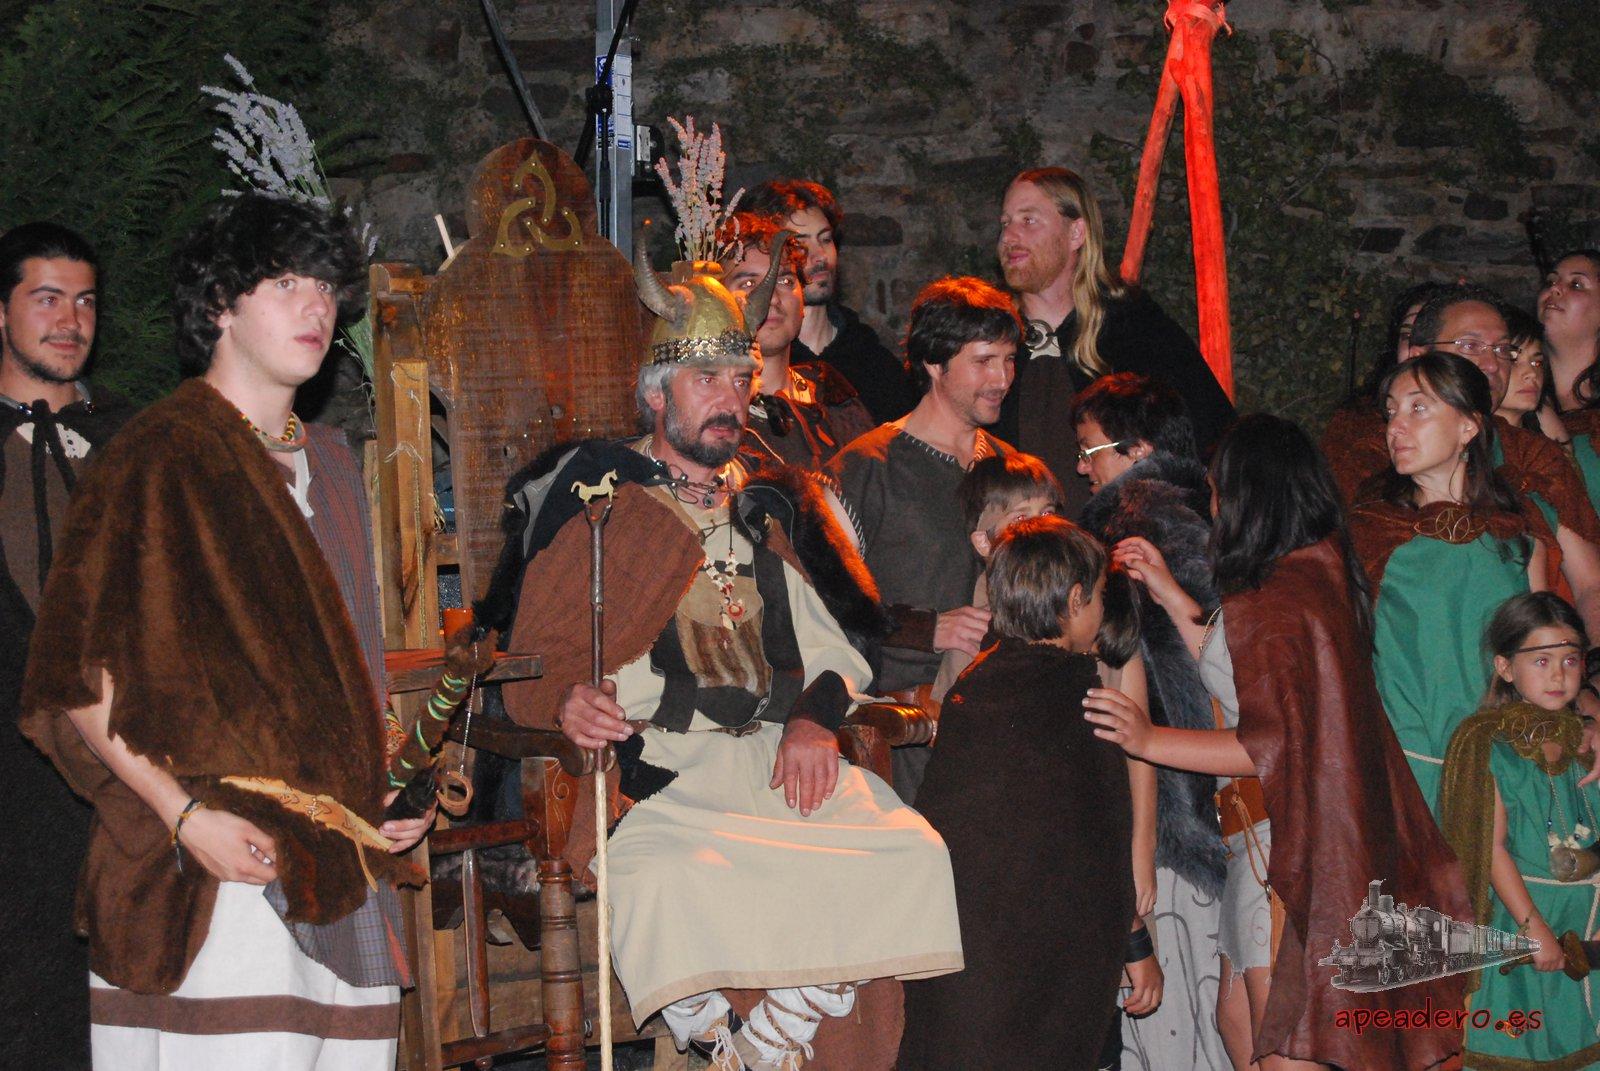 Vale la pena caer por Astorga a finales de julio para descubrir estas fiestas.